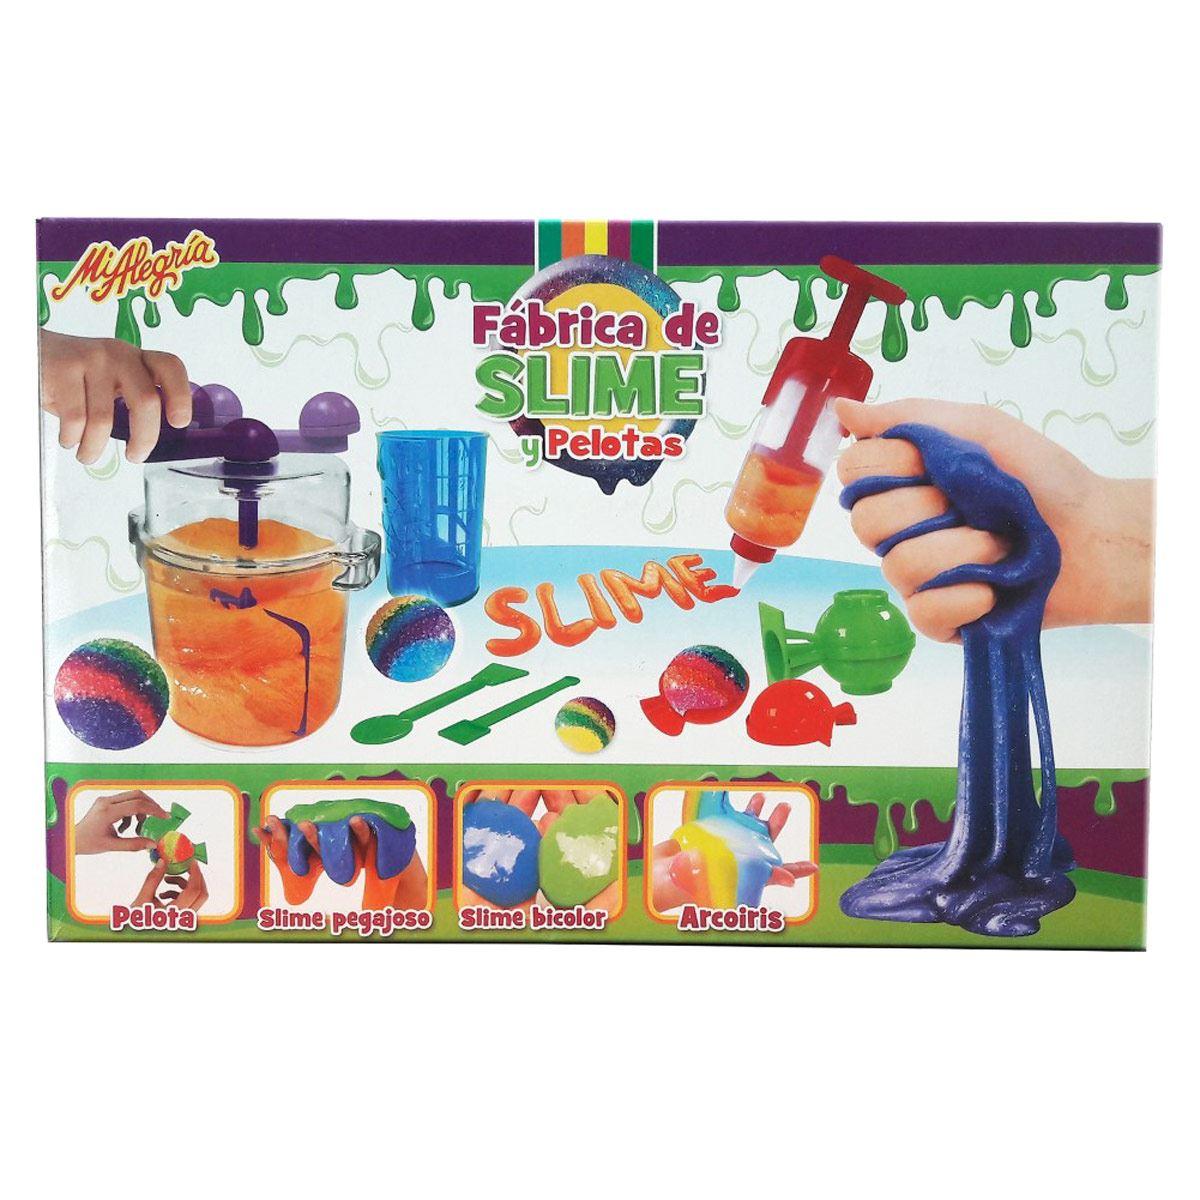 Fábrica de Slime y Pelotas Mi alegría